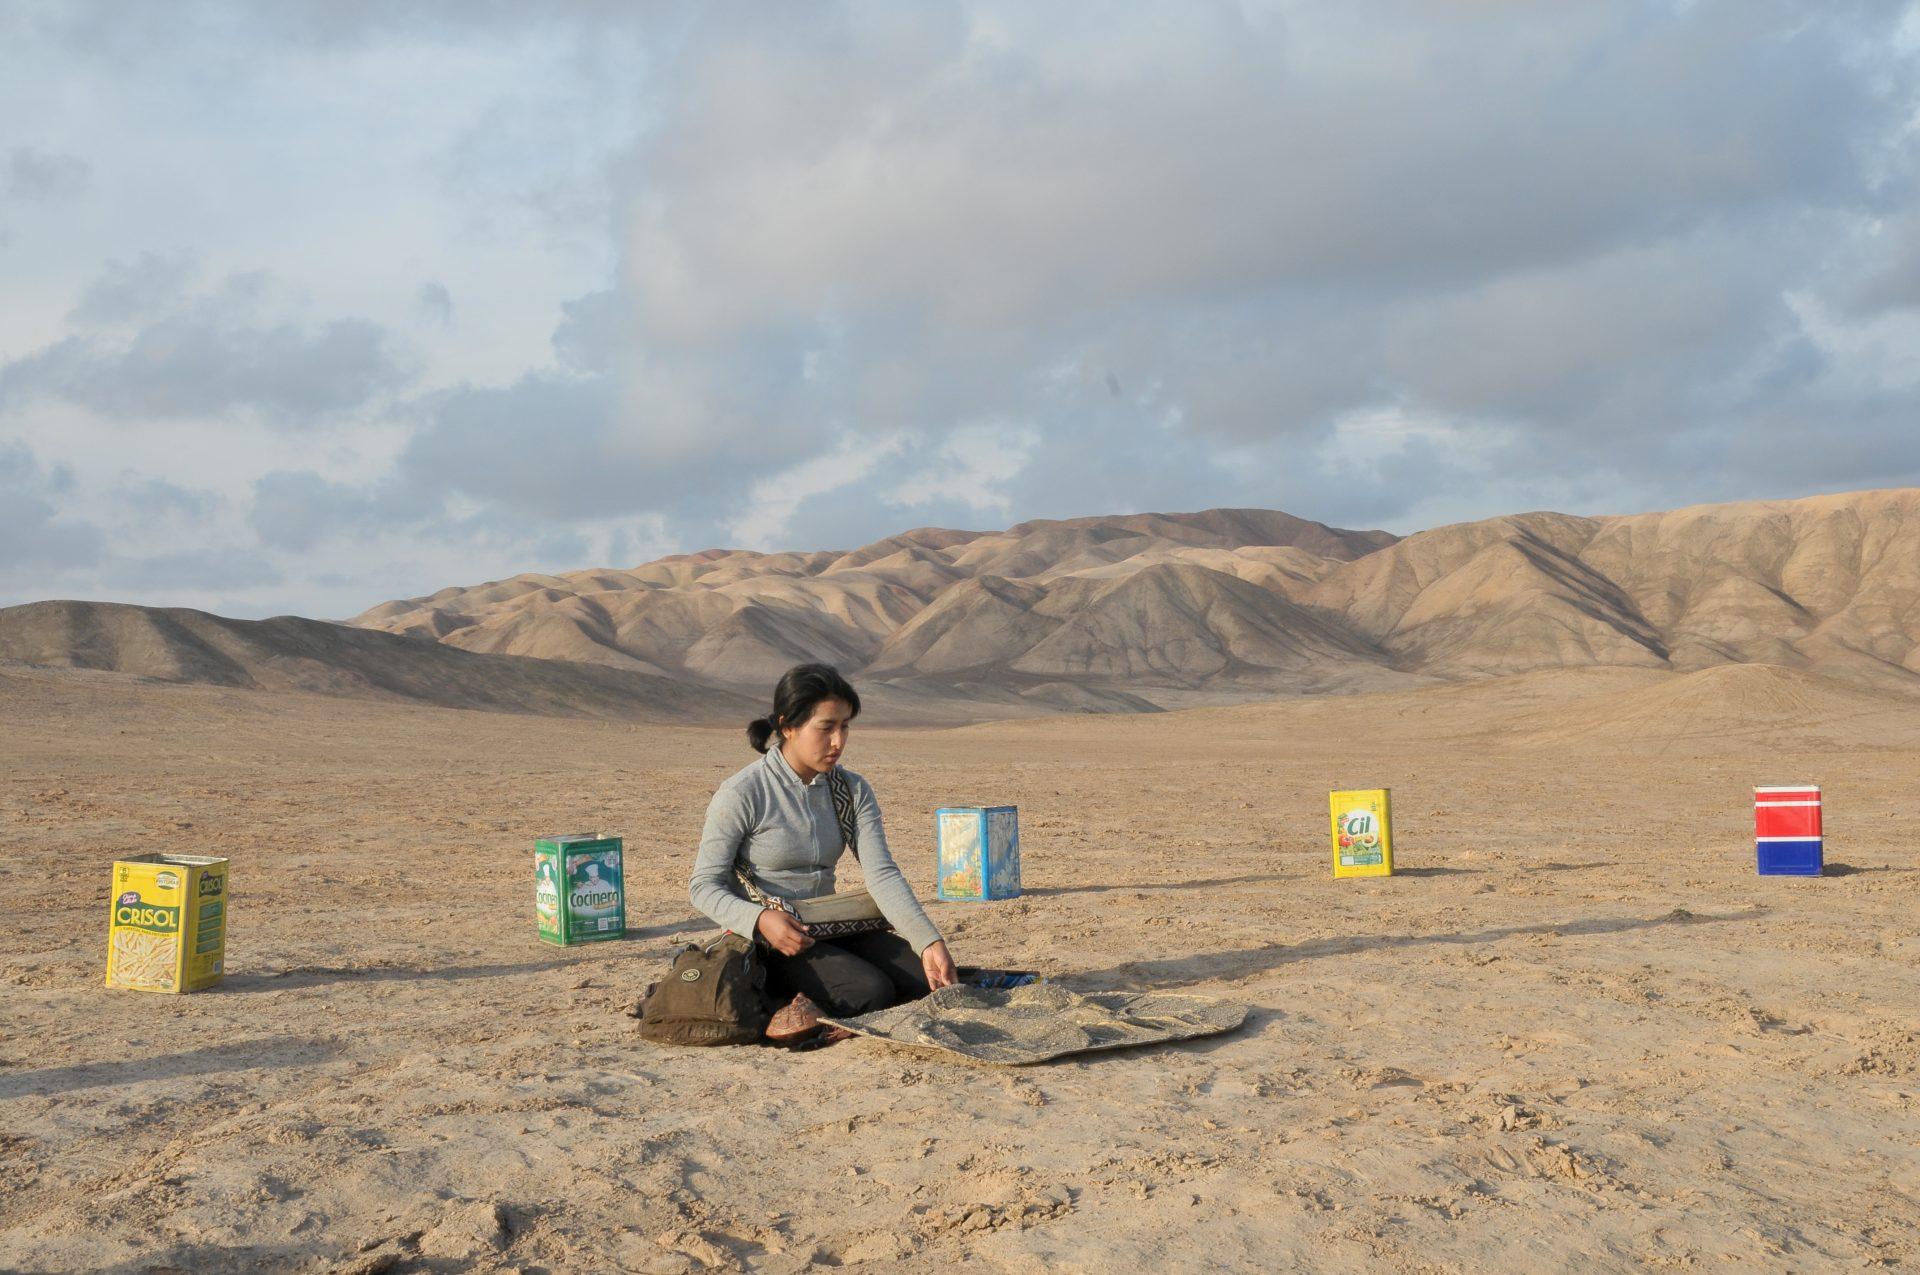 2008_peru_desierto_rehearsal_present3_03_desert